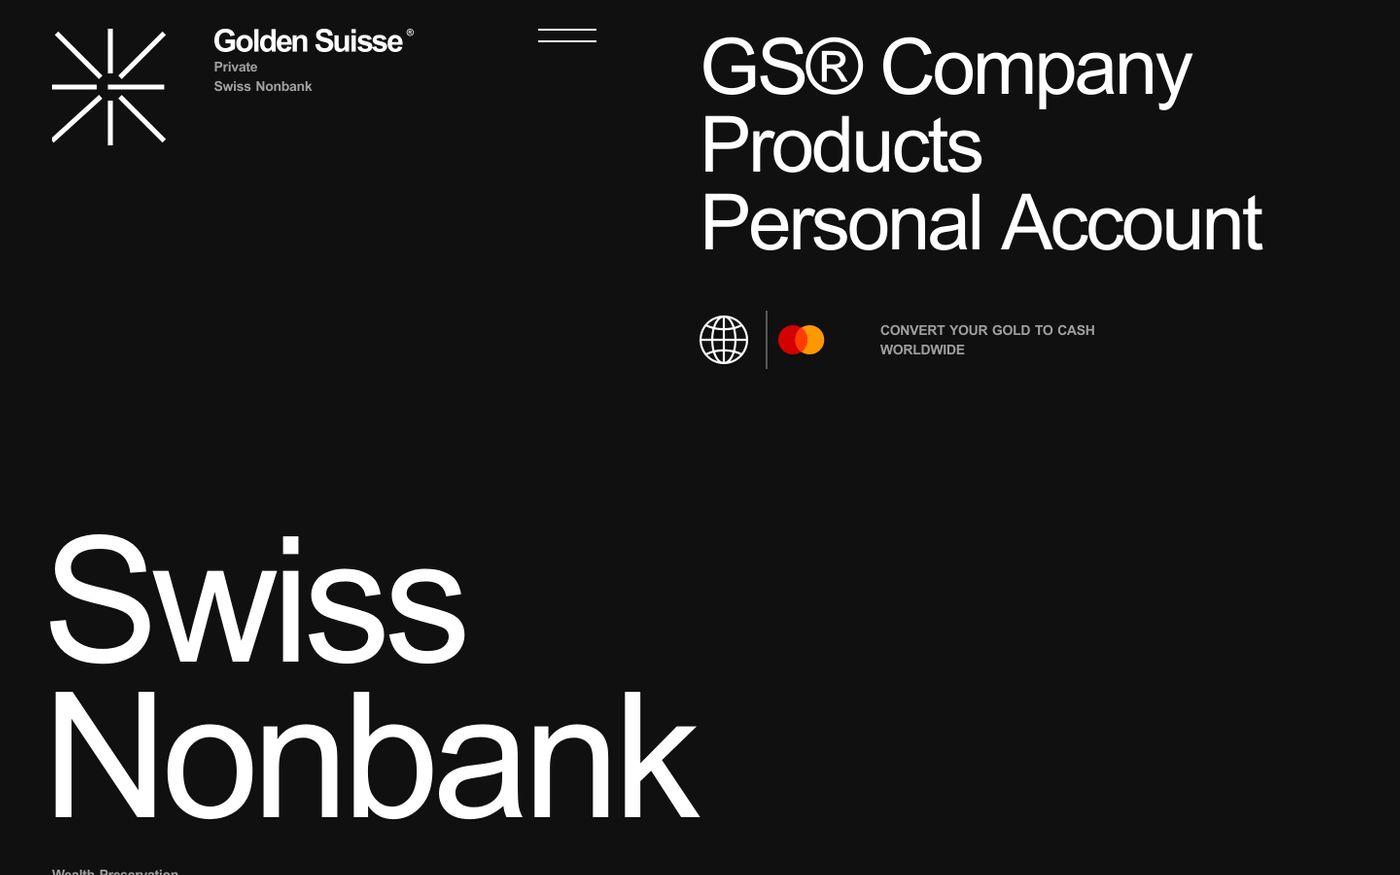 Screenshot of Golden Suisse website